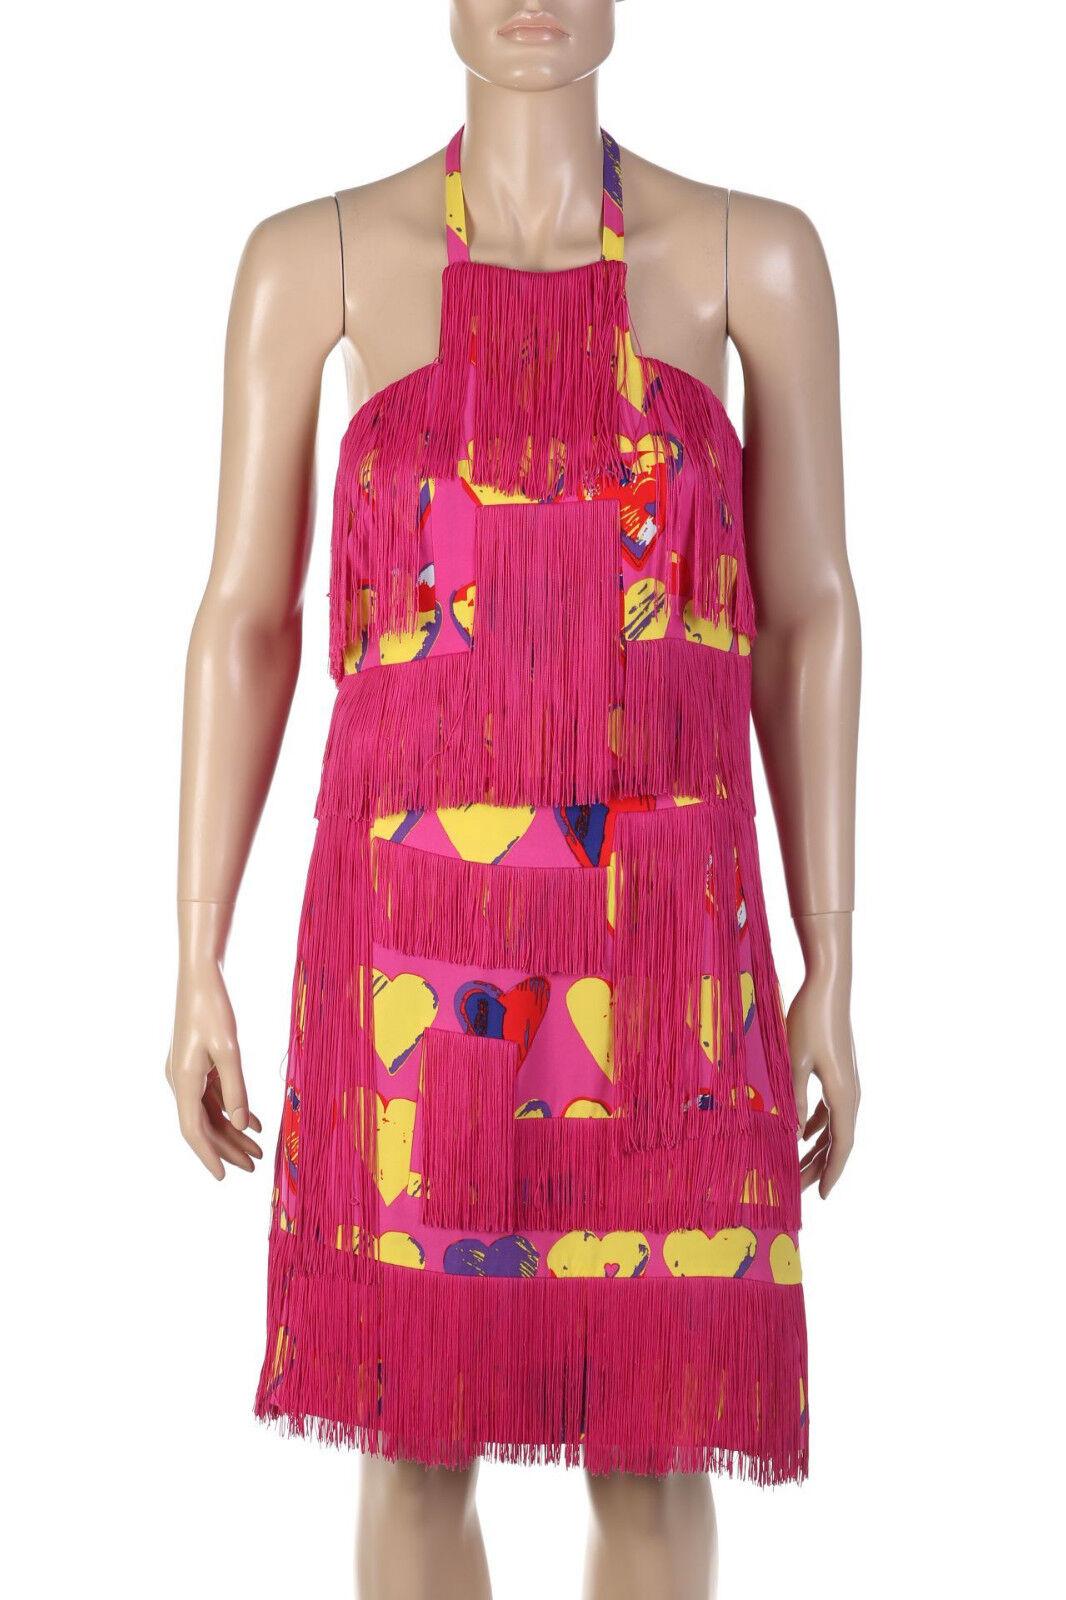 Versace Fransen Outfit Croptop & Highwaist Rock Rosa mit gelben Herzen NEU